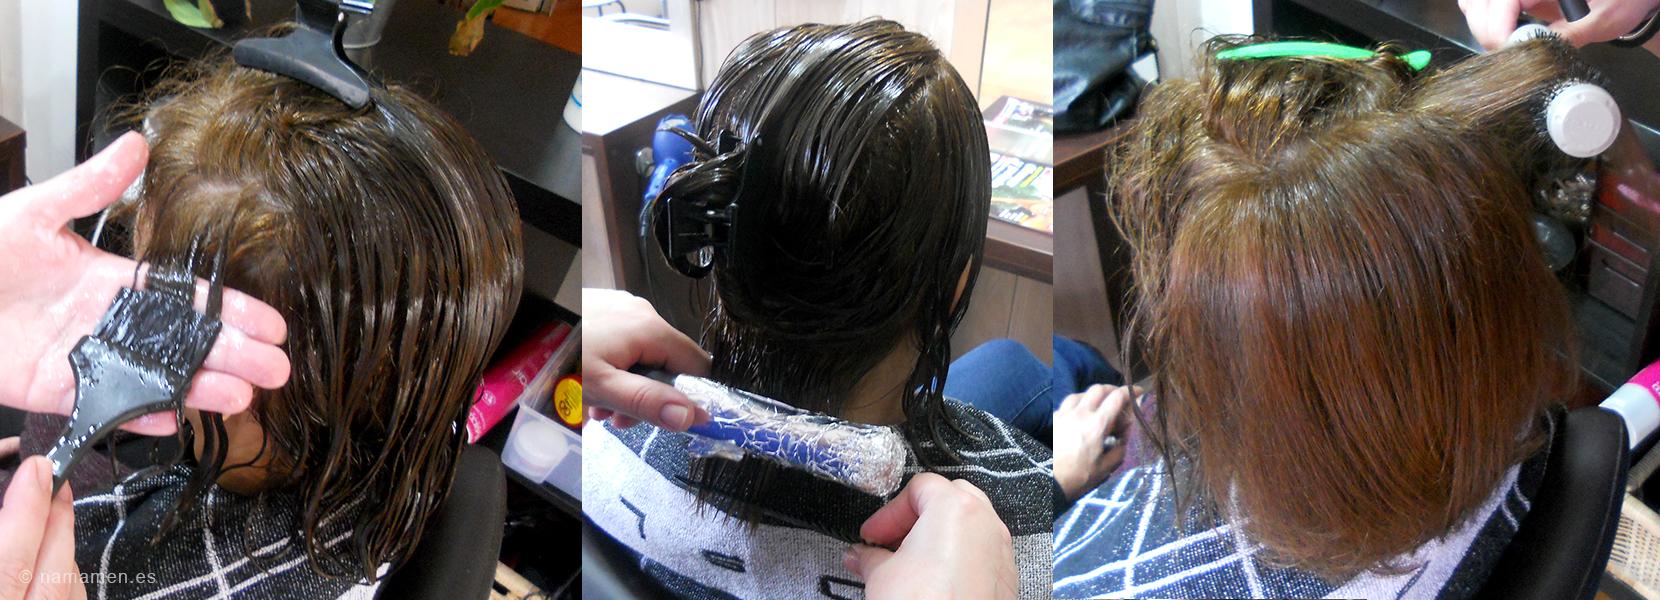 El aceite de cáñamo para los cabellos donde comprar